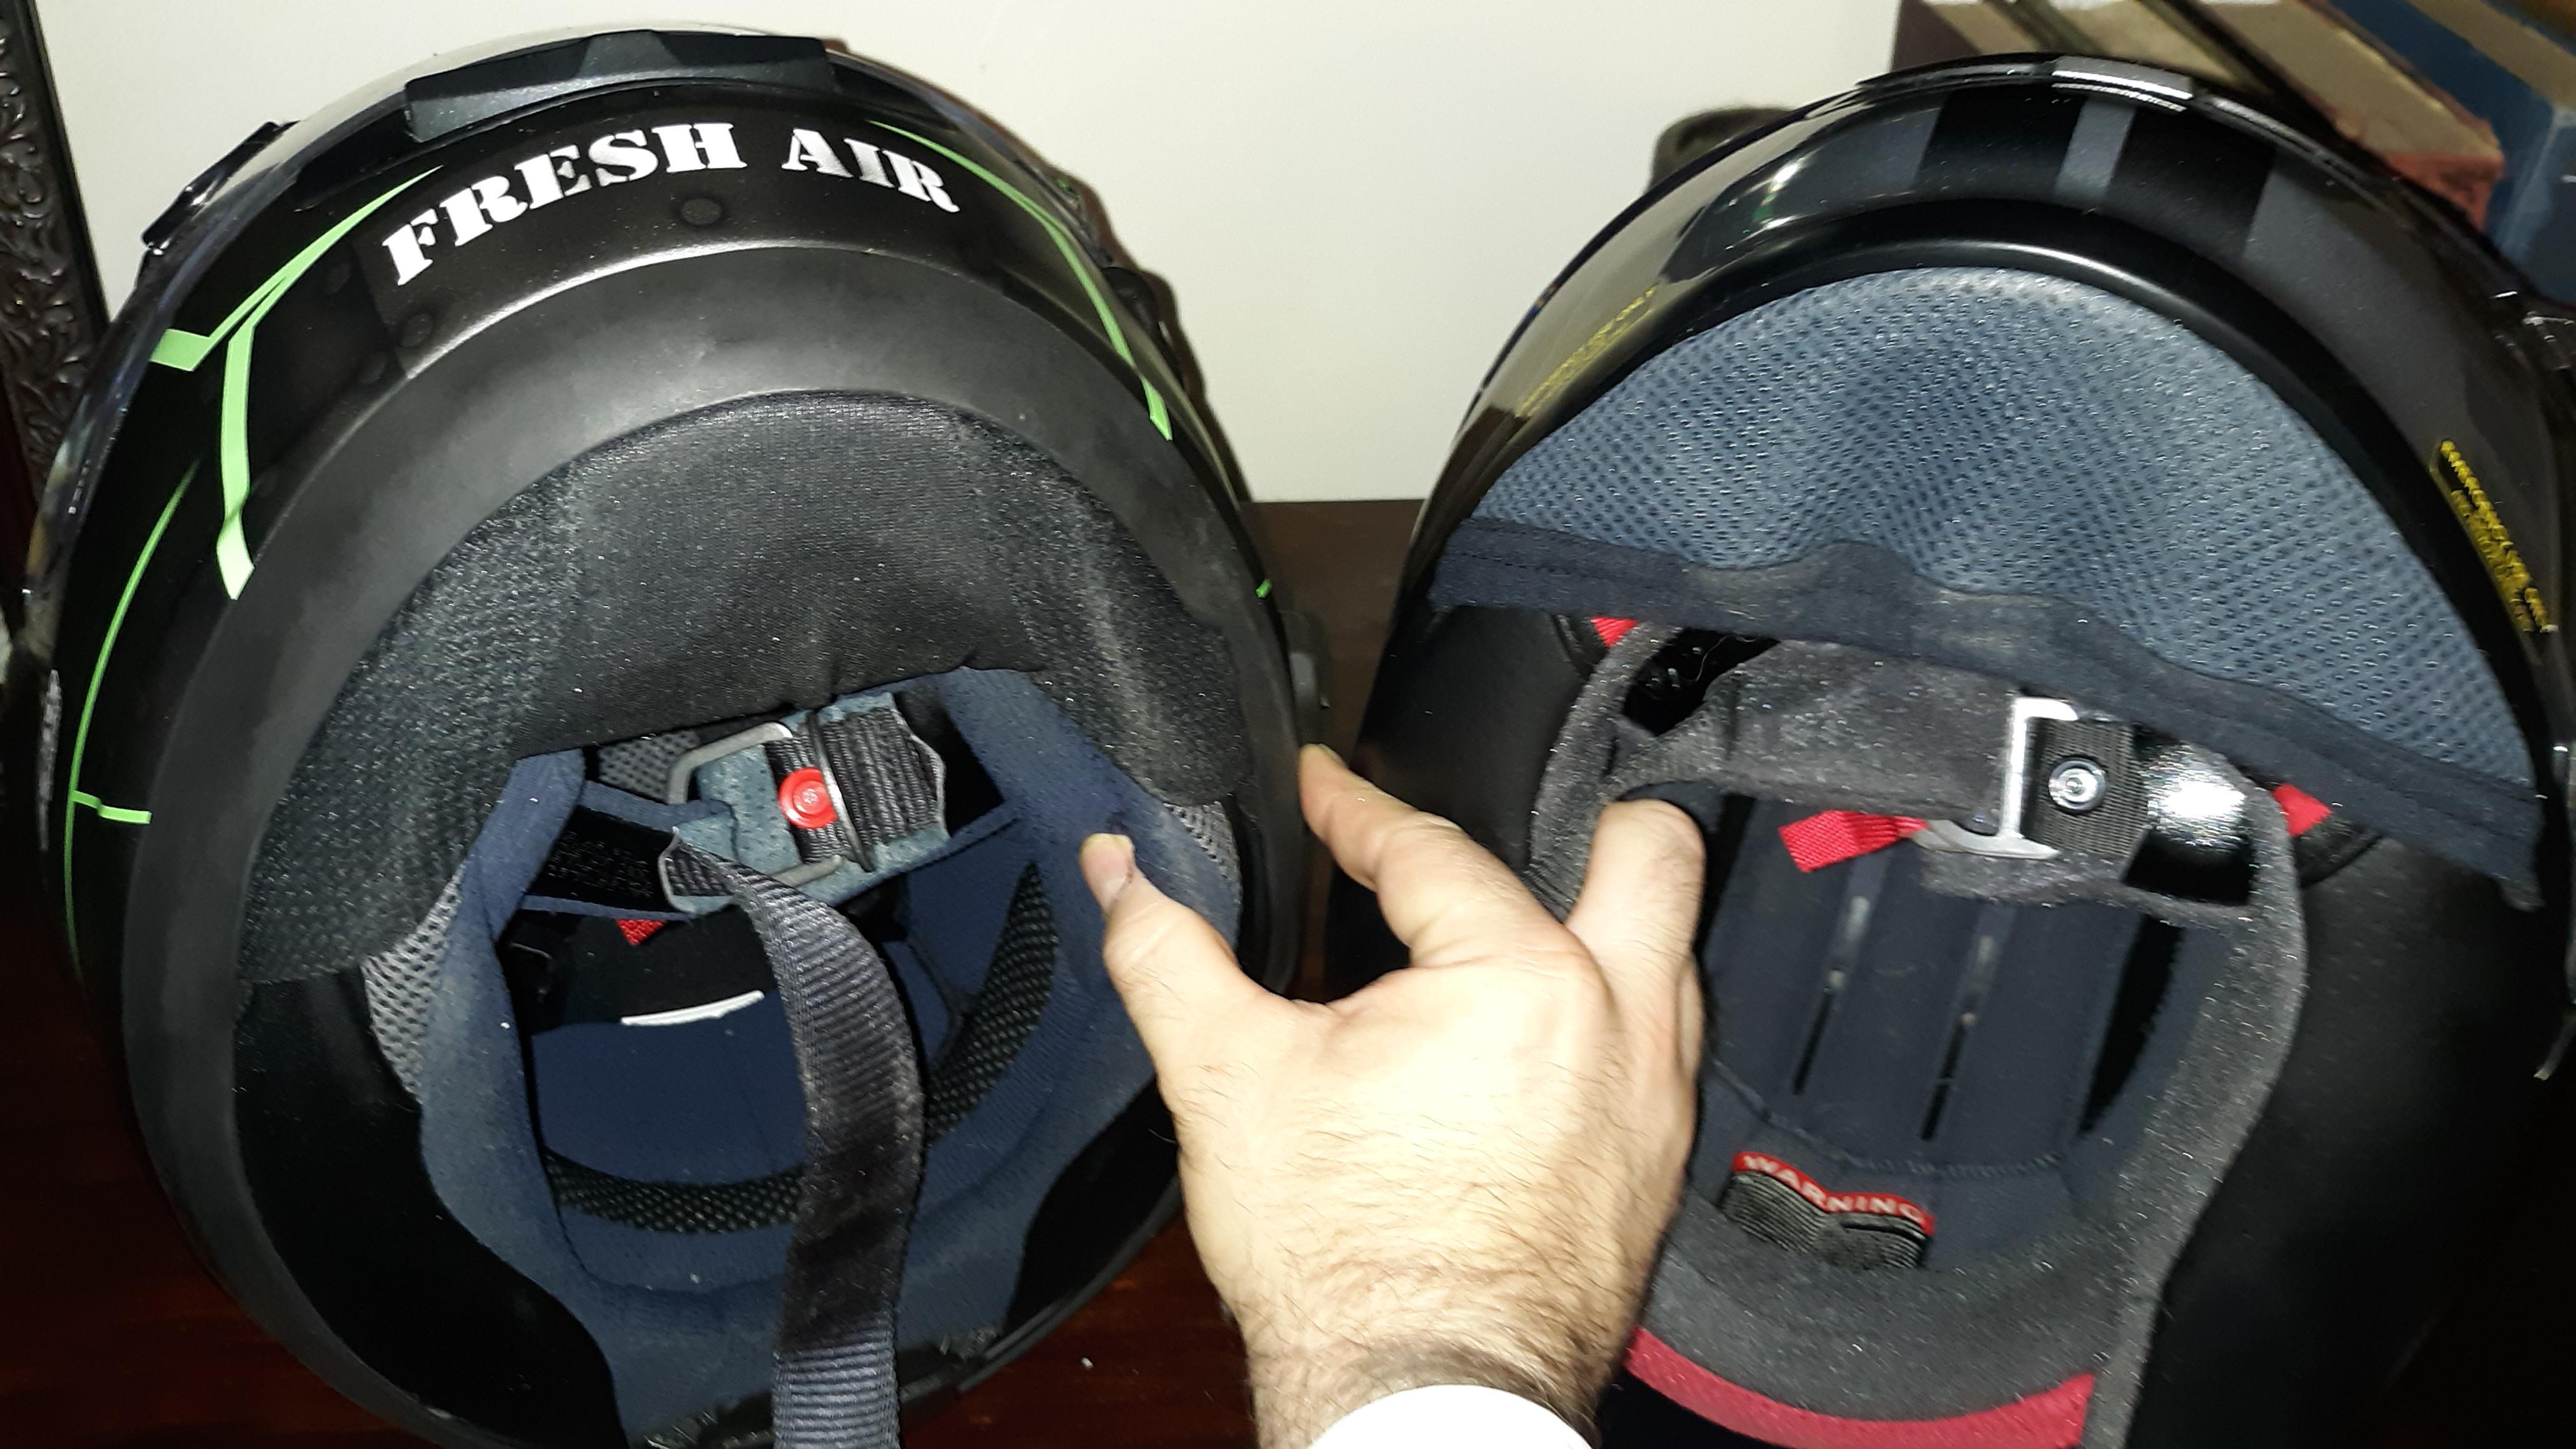 Shoei RF1200 v. Arai Corsair X: Head to head comparison-20190623_185325_1561330434423.jpg